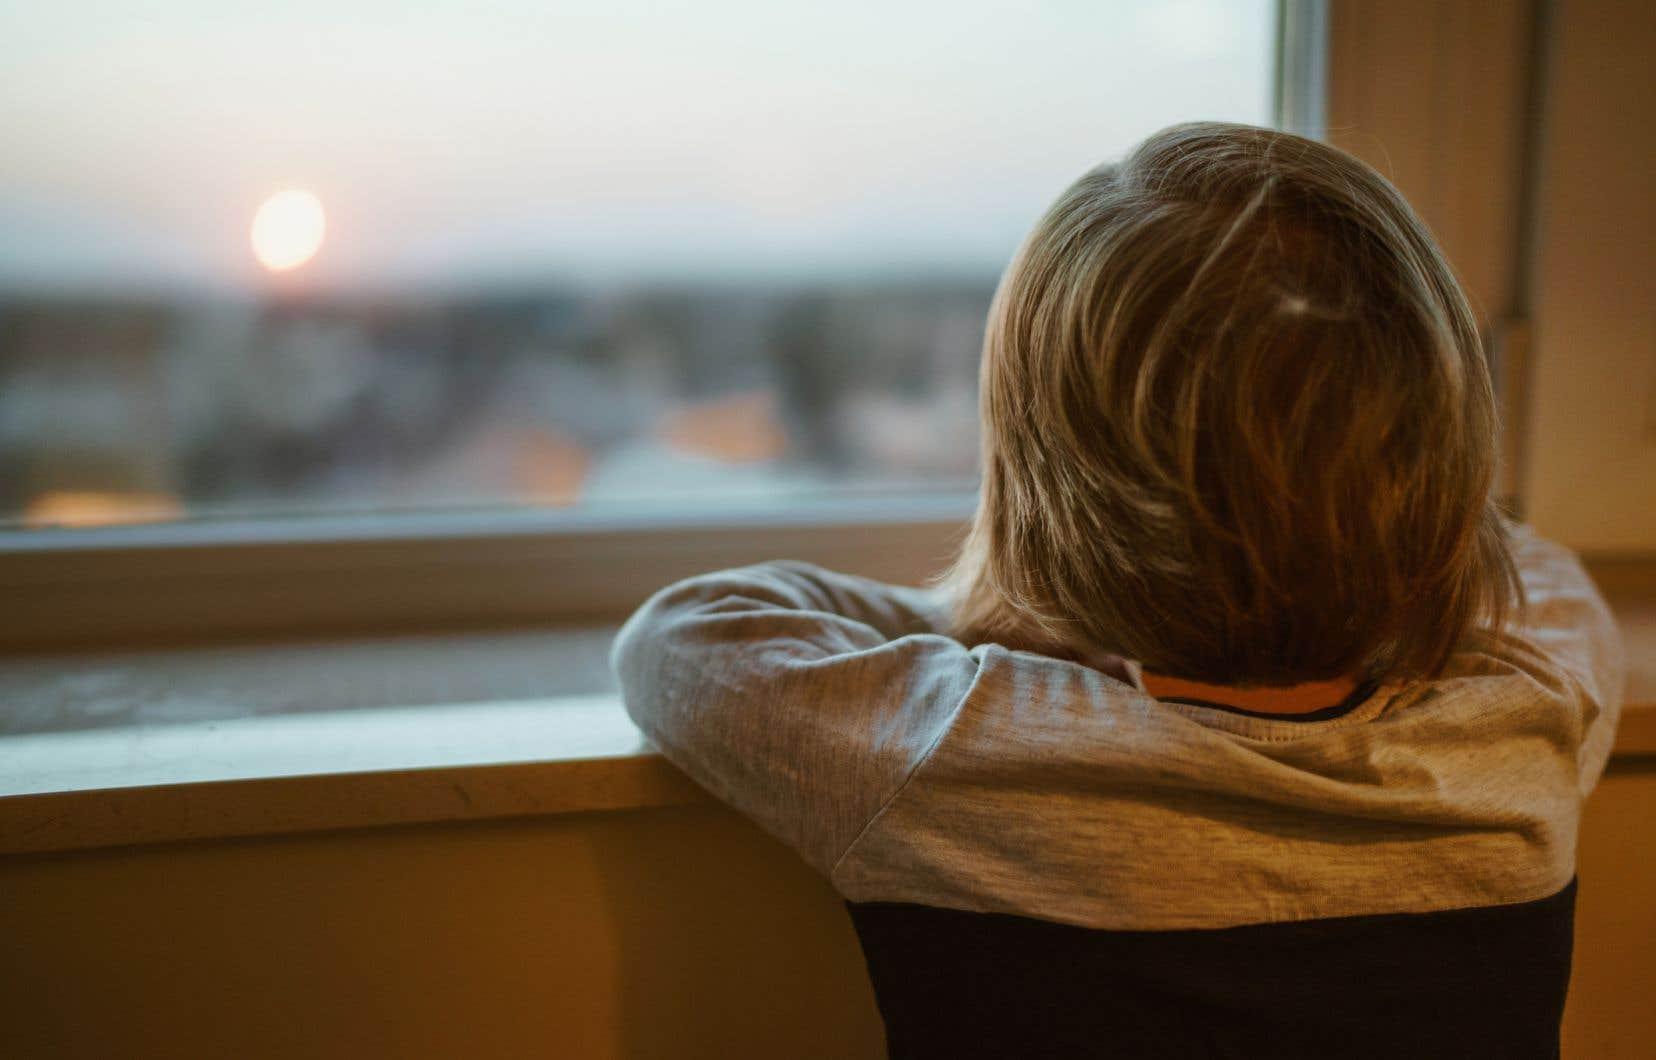 En raison de la pandémie, les services sociaux ont suspendu les rencontres physiques entre les enfants pris en charge par des familles d'accueil et leurs parents biologiques.